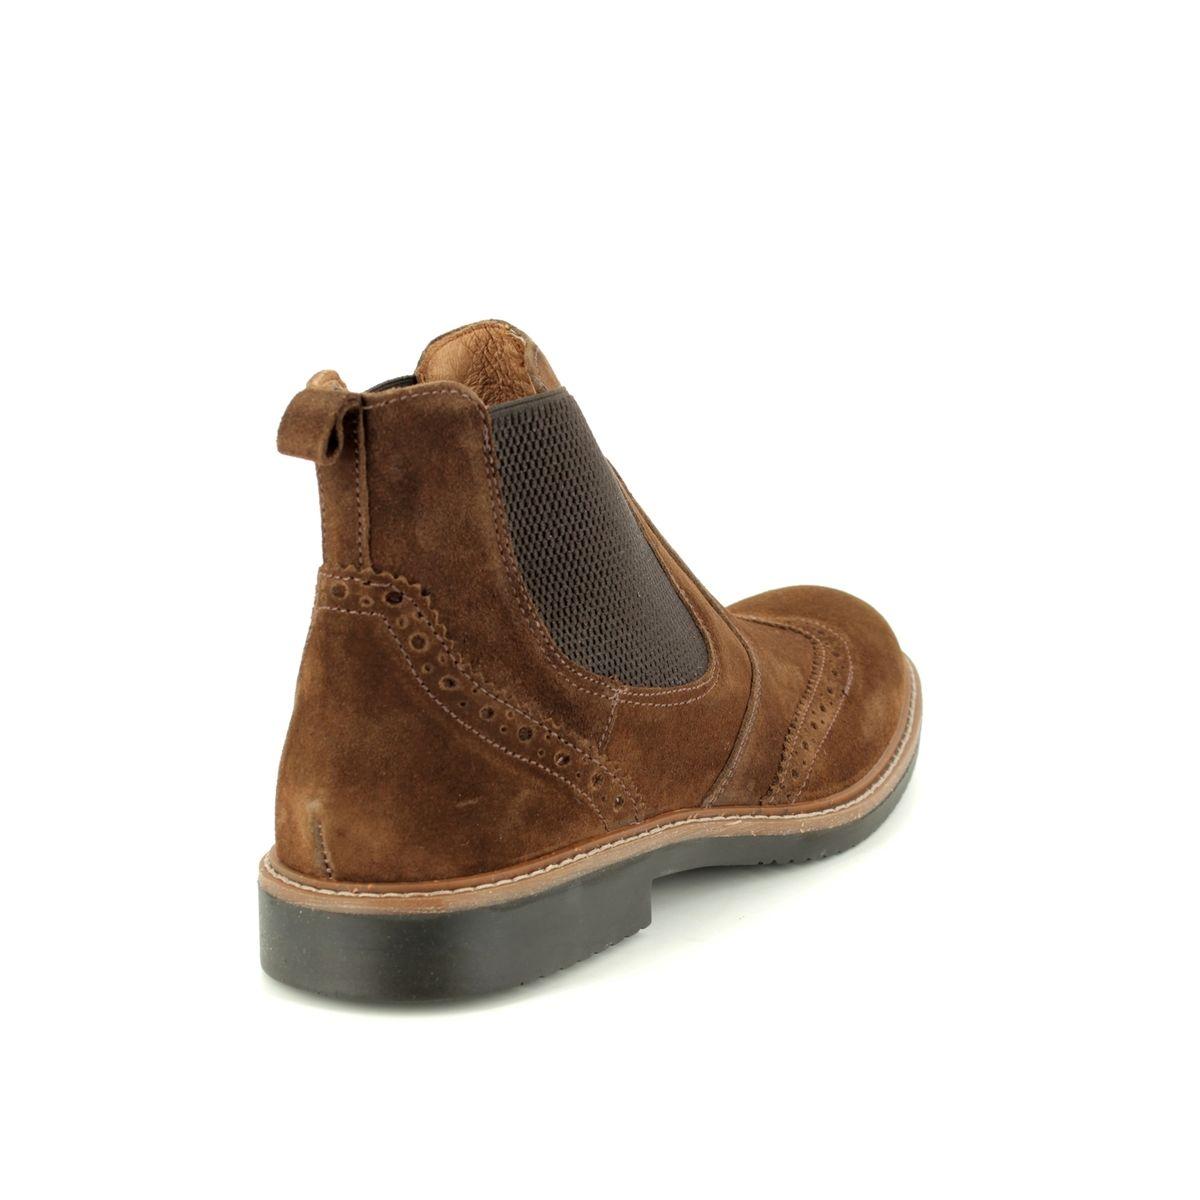 e7fb05de89 IMAC Chelsea Boots - Tan suede - 0851/78061017 CALLING CHELSEA